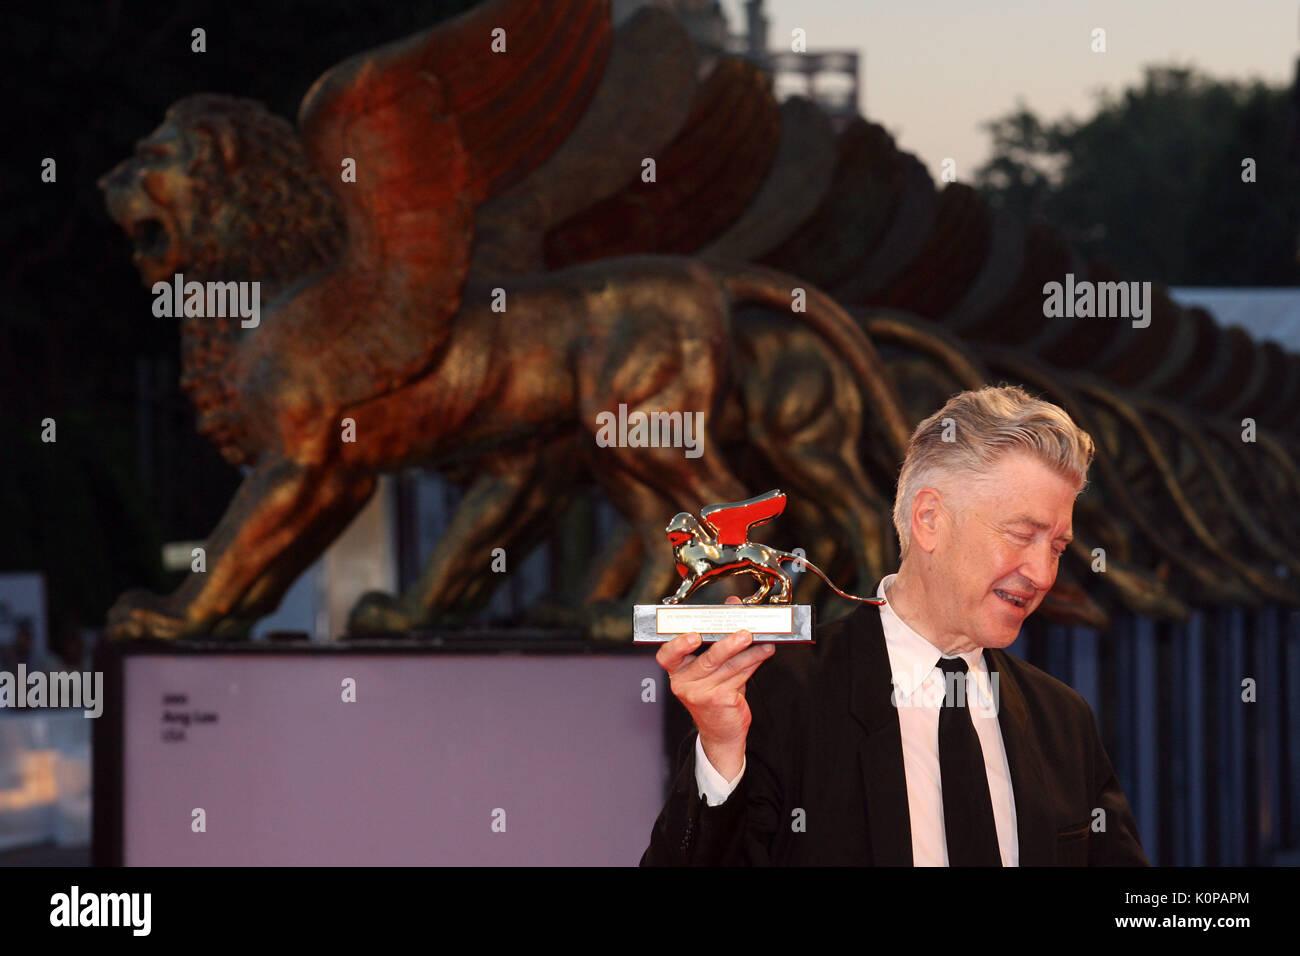 Venecia, 6 de septiembre de 2006. El director David Lynch es galardonada con el Golden Lyon para Lifetime Achievement durante la 63ª edición del Festival de Venecia. Imagen De Stock